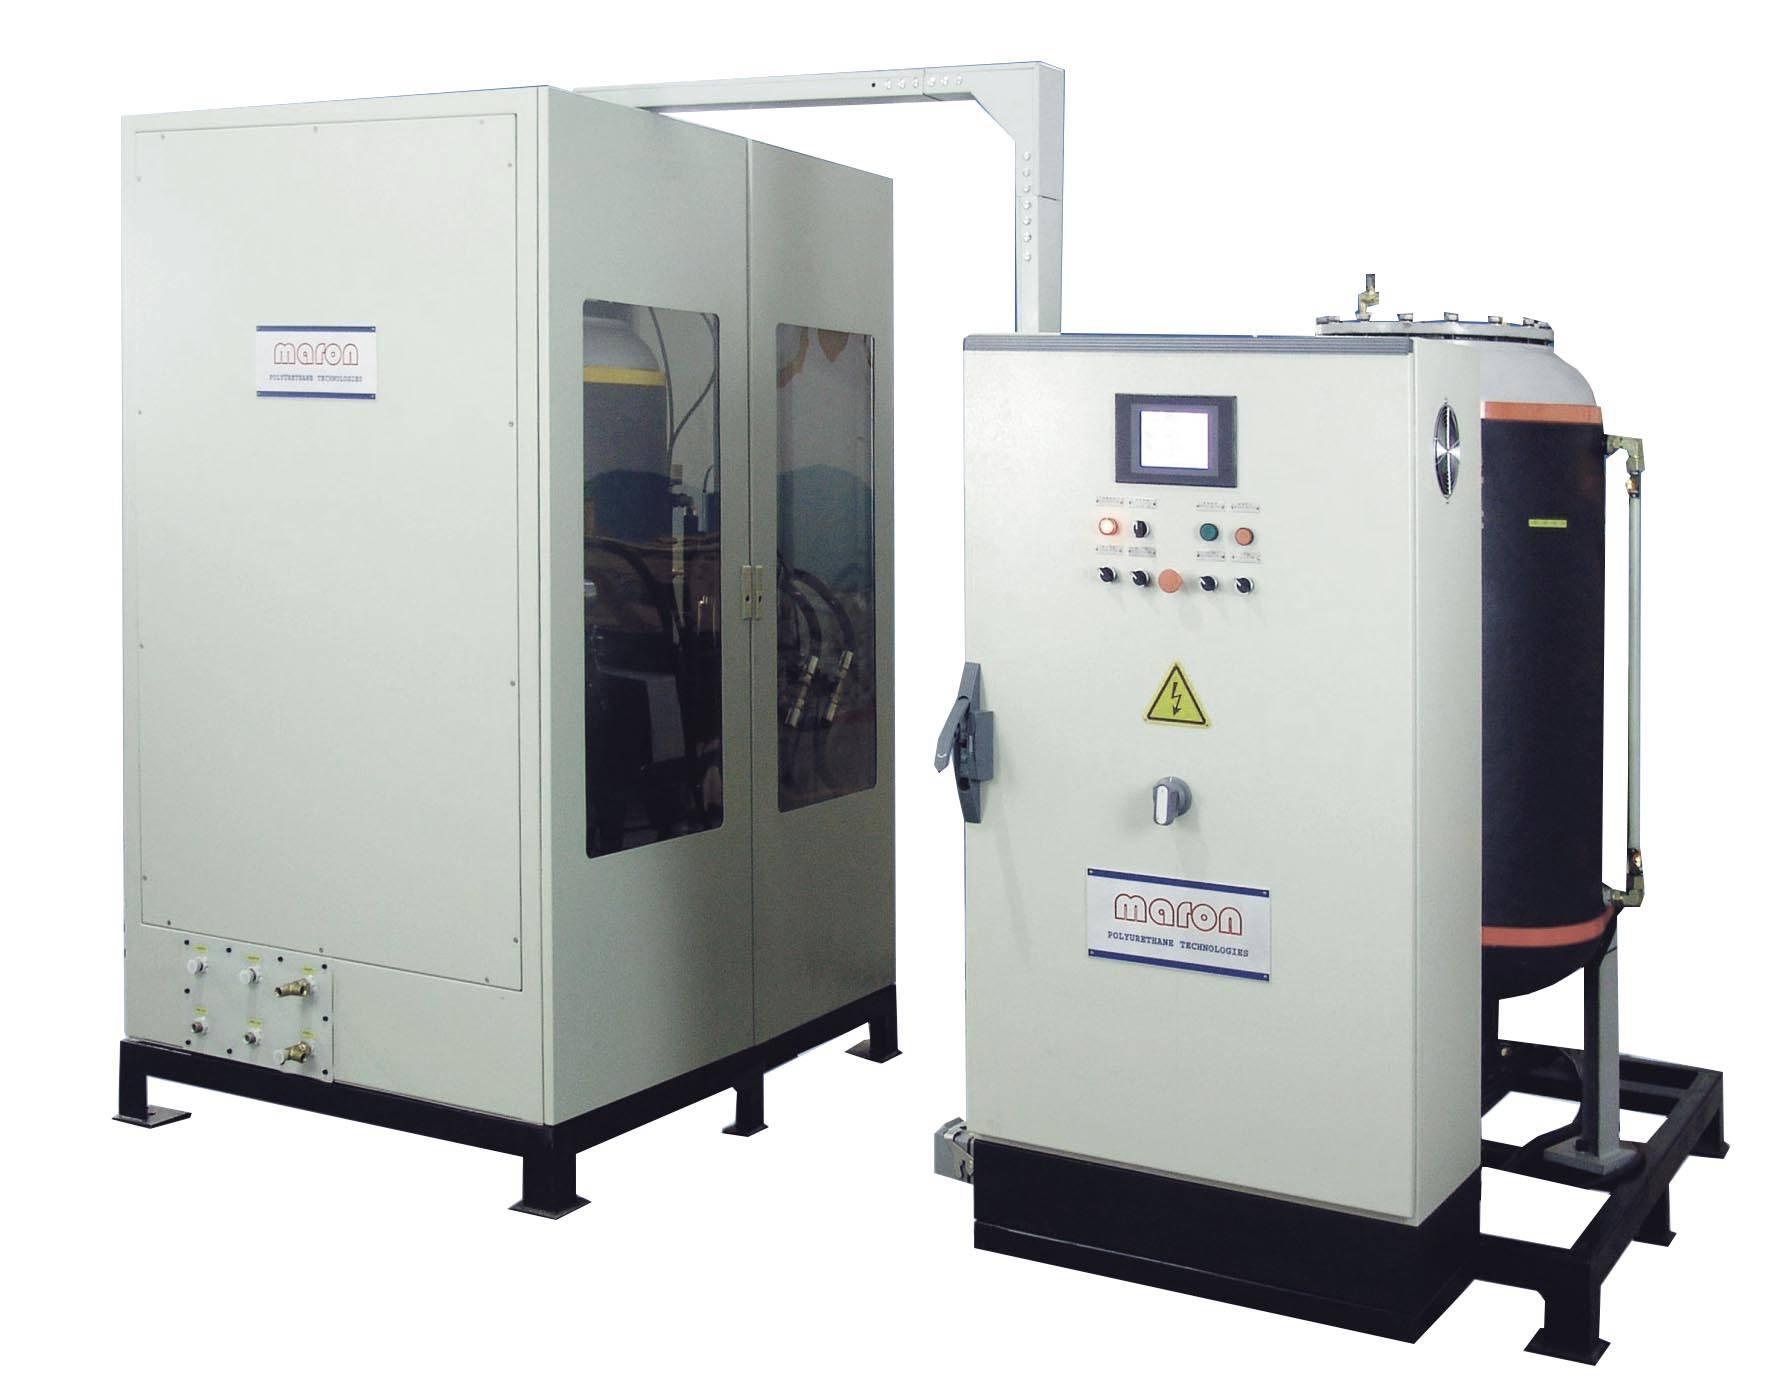 環戊烷發泡機 聚氨酯發泡機 成都航發 maron 高壓發泡機 環戊烷高壓發泡機